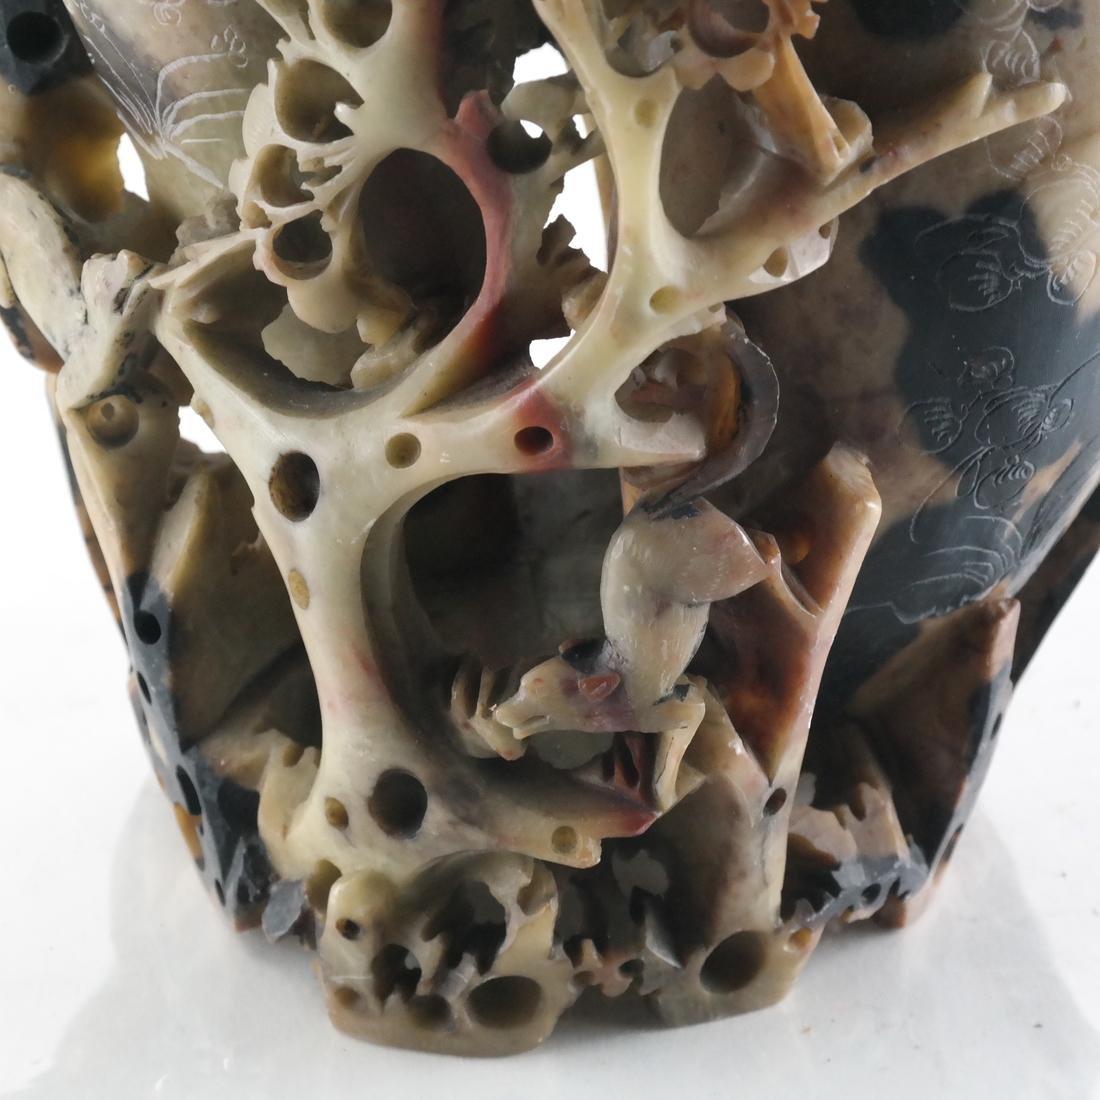 Chinese Ornate Hardstone Vase - 6